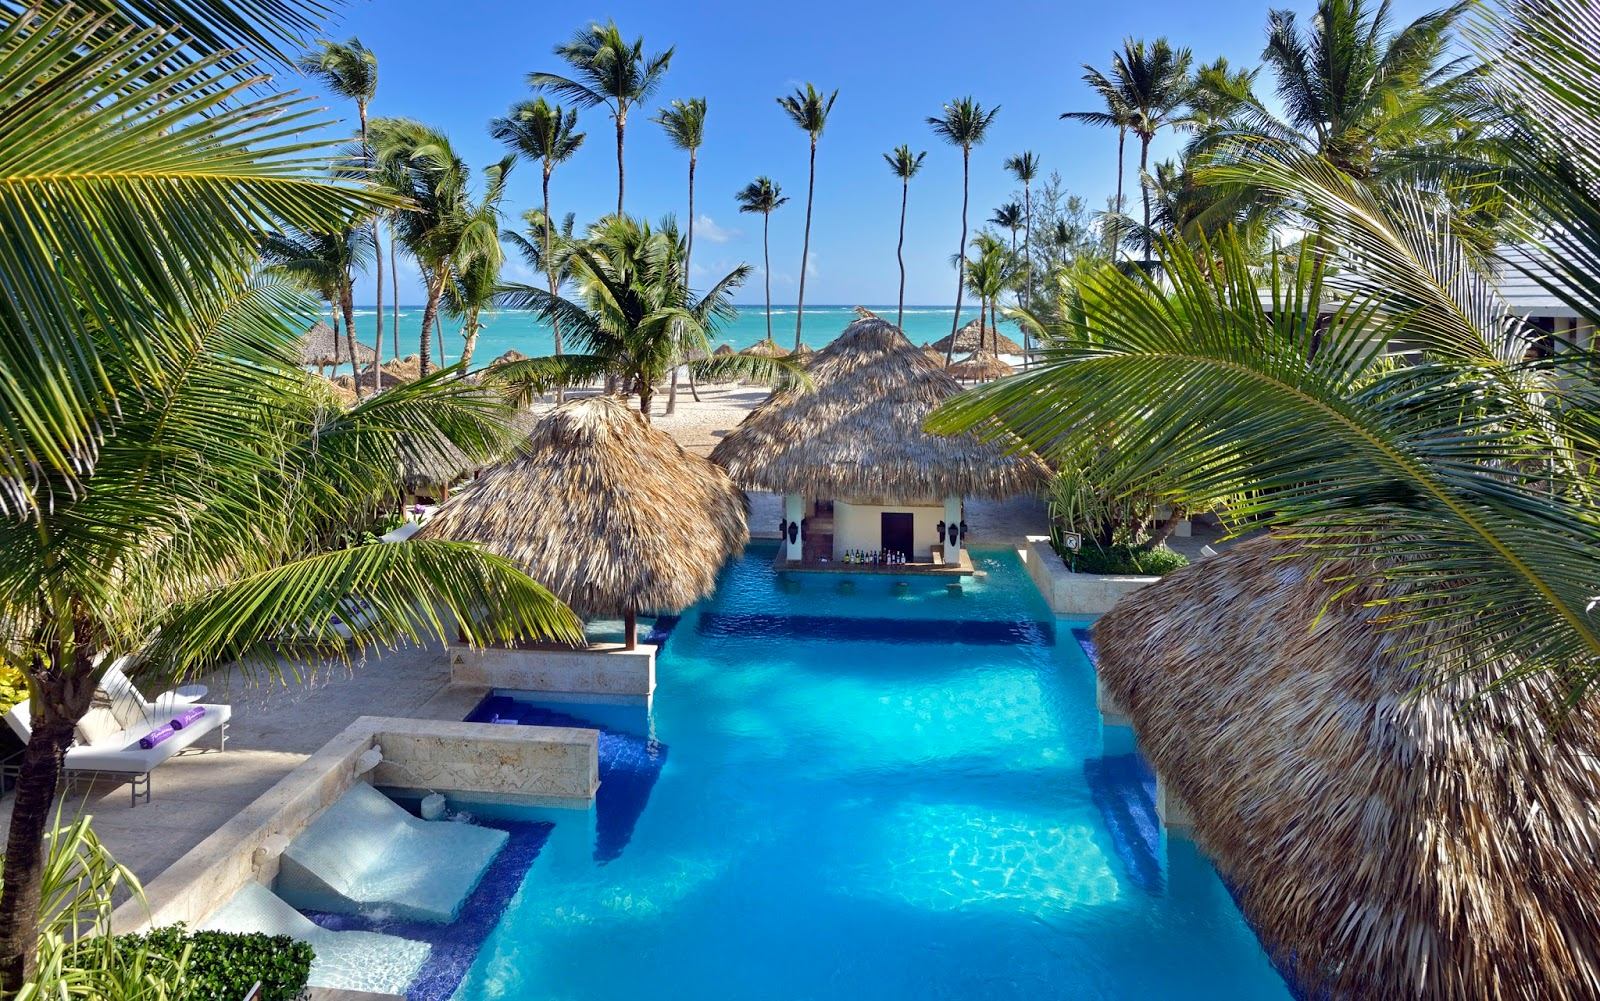 Где лучше остановиться на отдыхе в Мексике или Доминикане